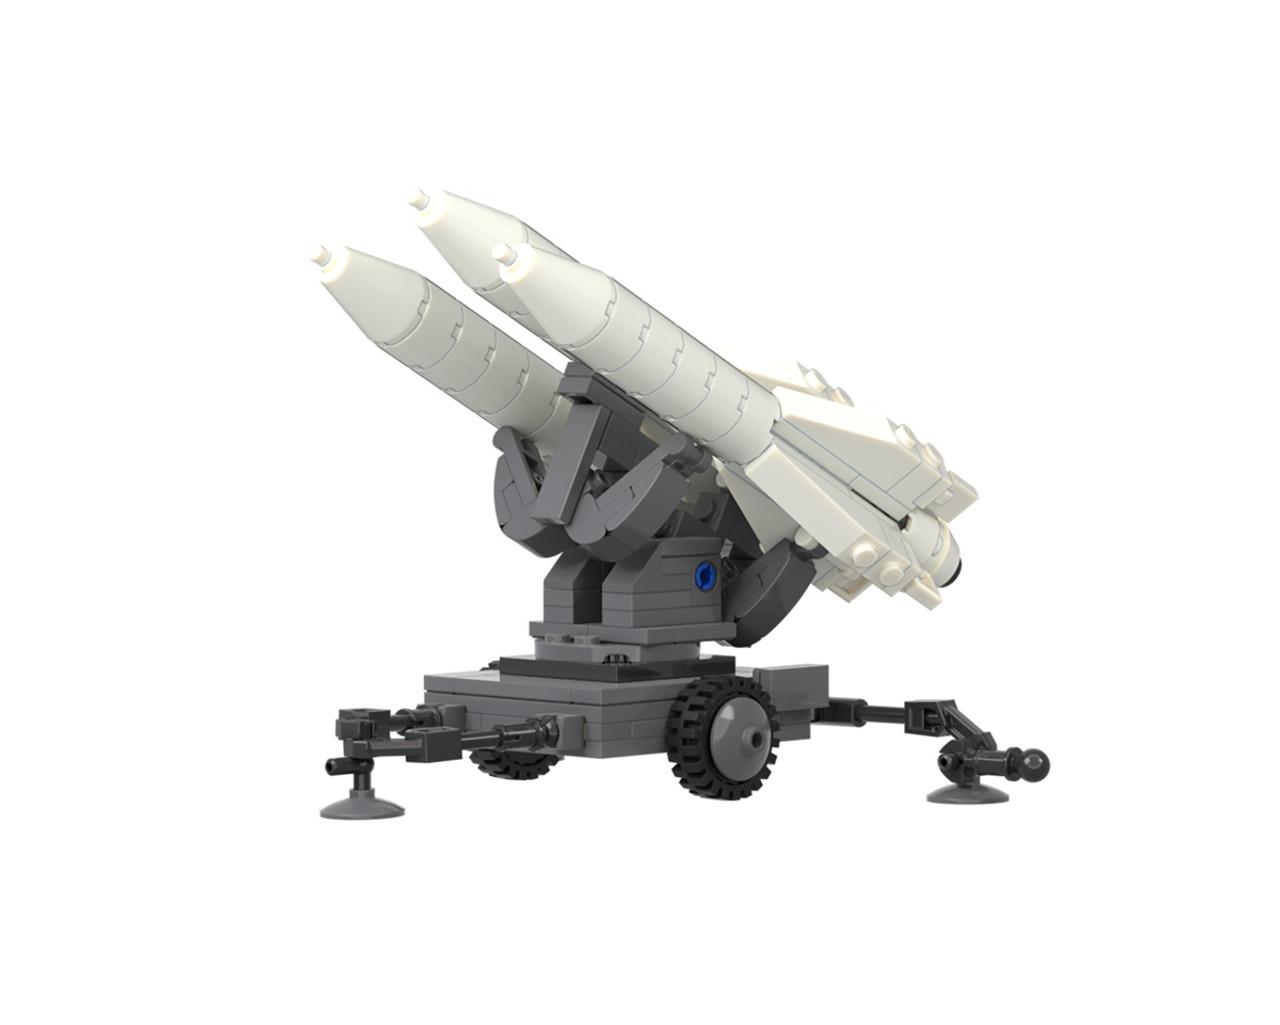 MIM-23 - HAWK Missile Launcher